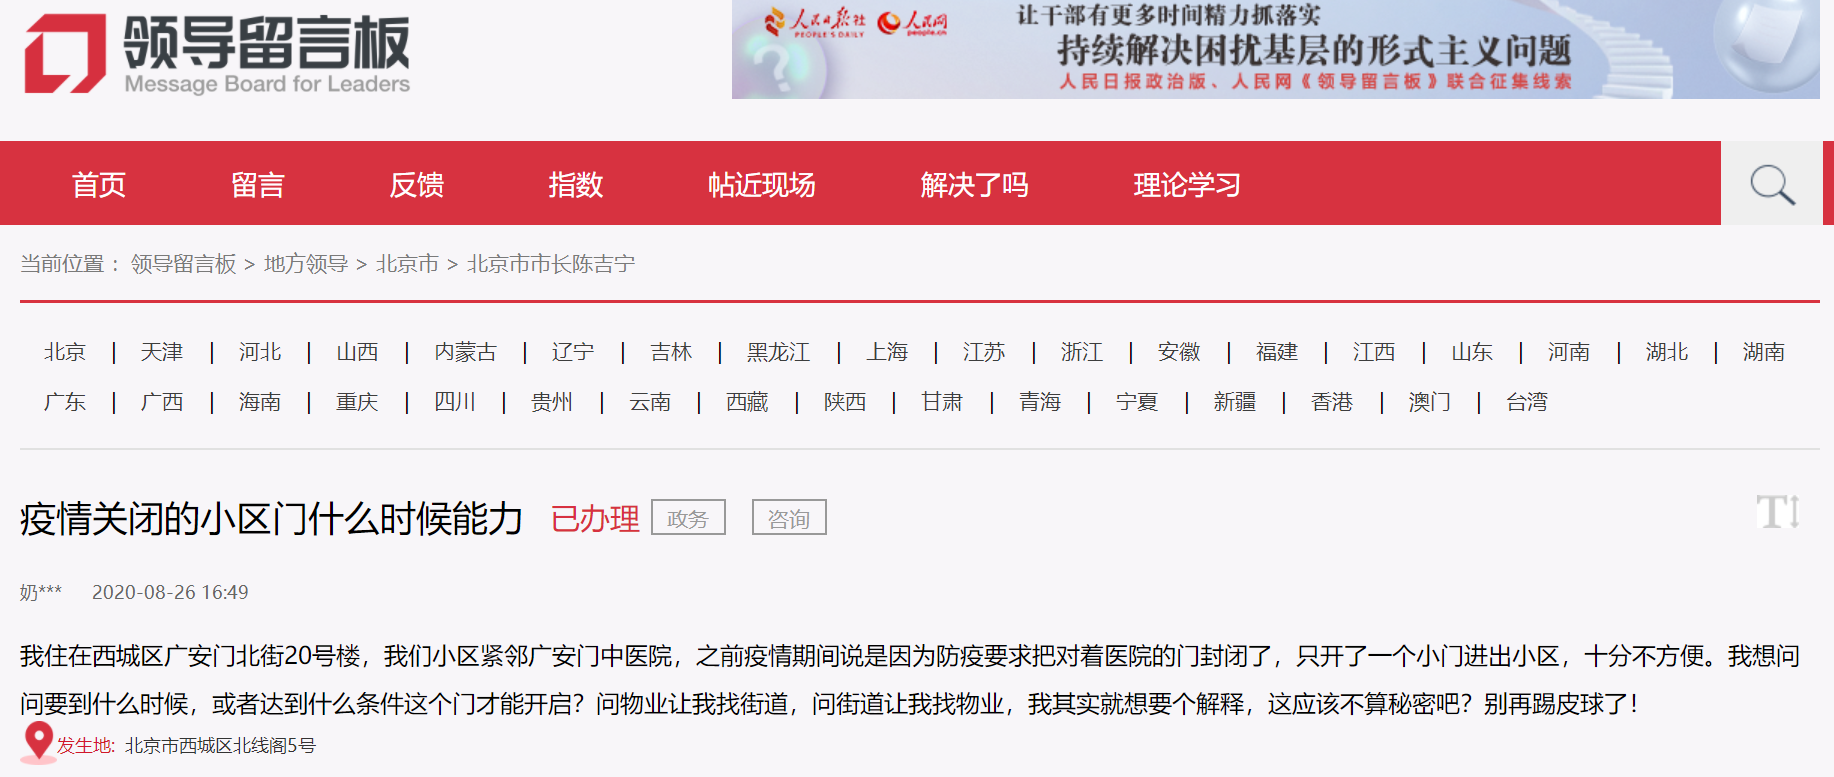 北京群众反映因疫情关闭的小区门至今未开放十分不便,官方:物业人手不足且应居民要求仍不开放